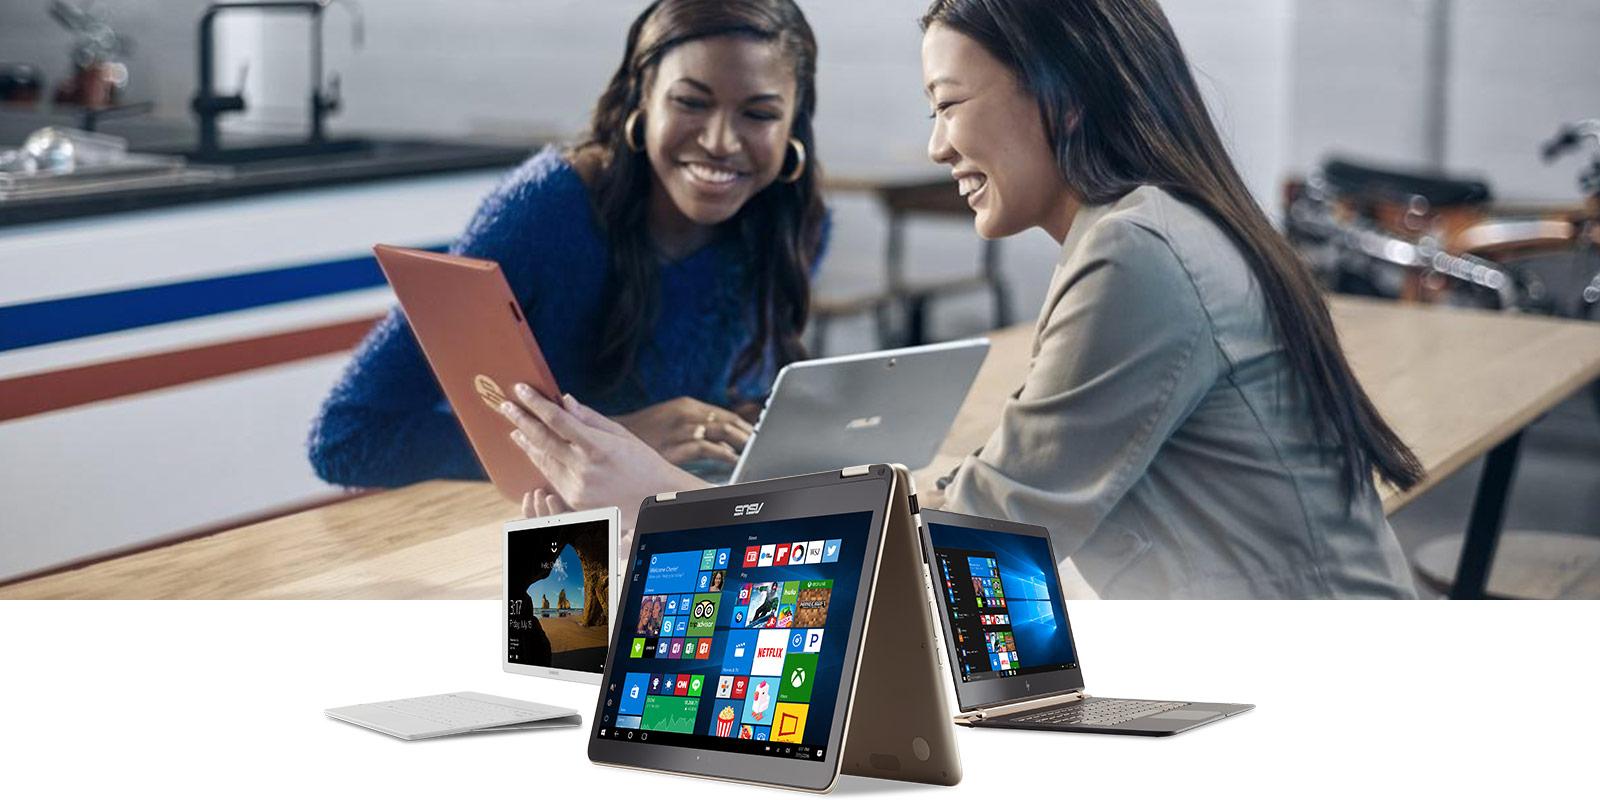 מחשבים וטאבלטים עם Windows 10